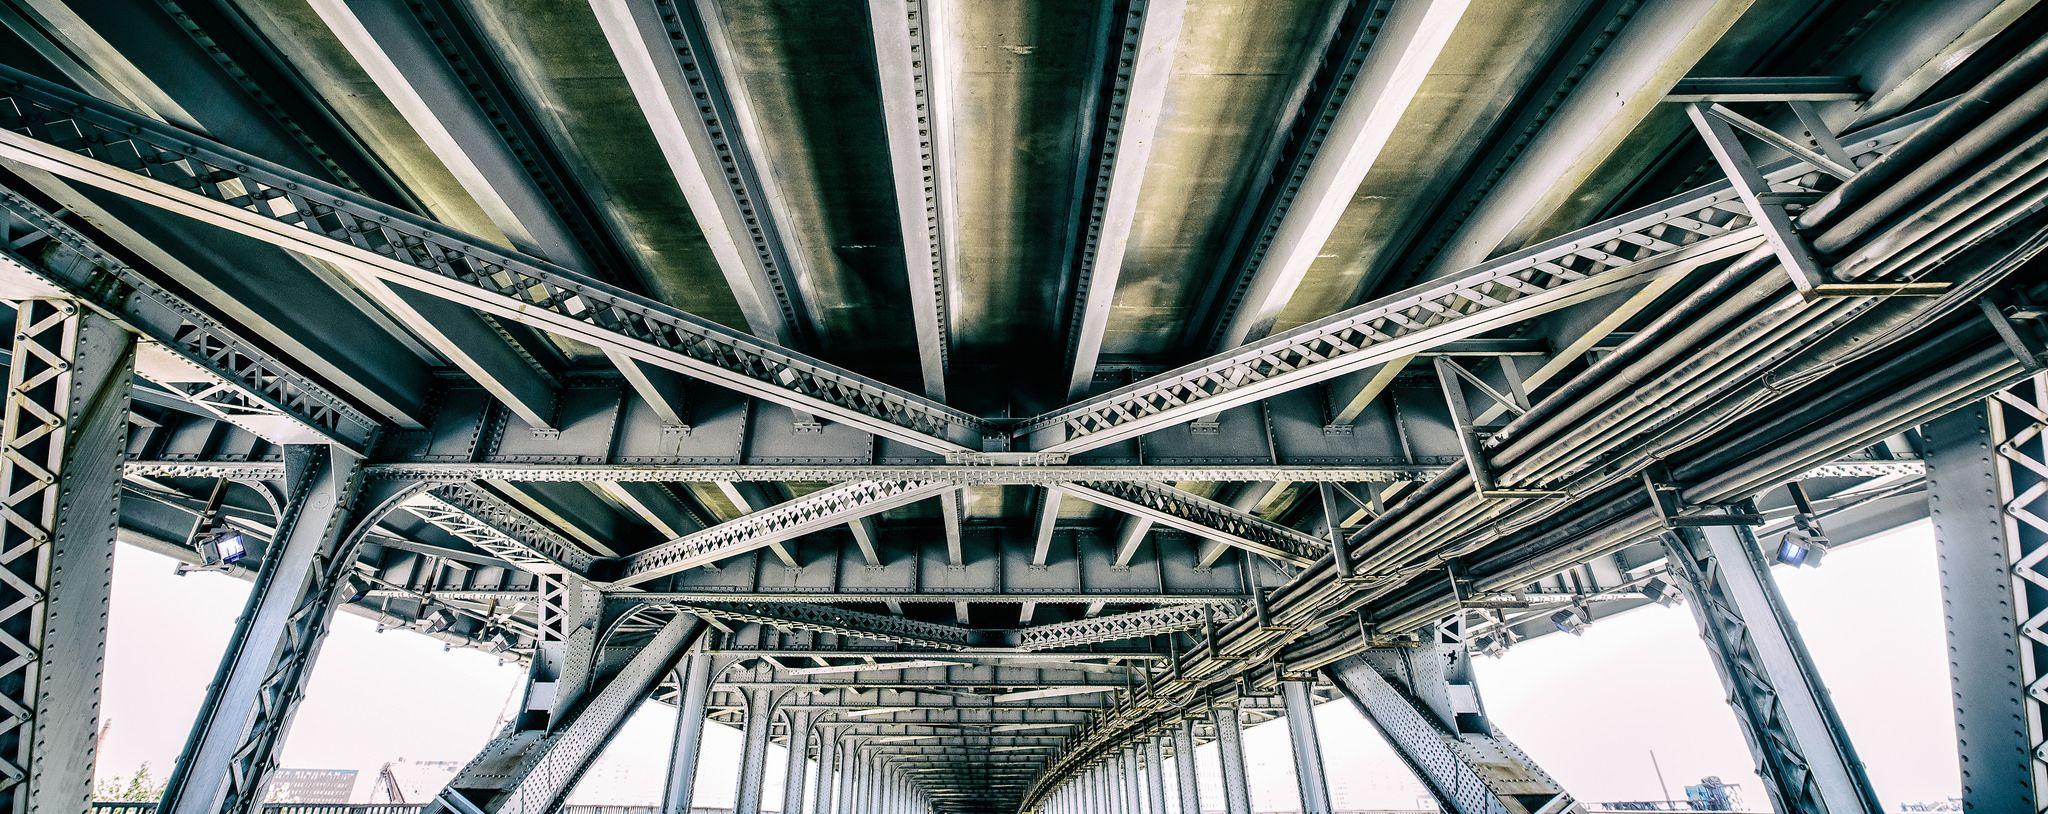 Overpass, steel trussing | Landmarks, Louvre, Steel